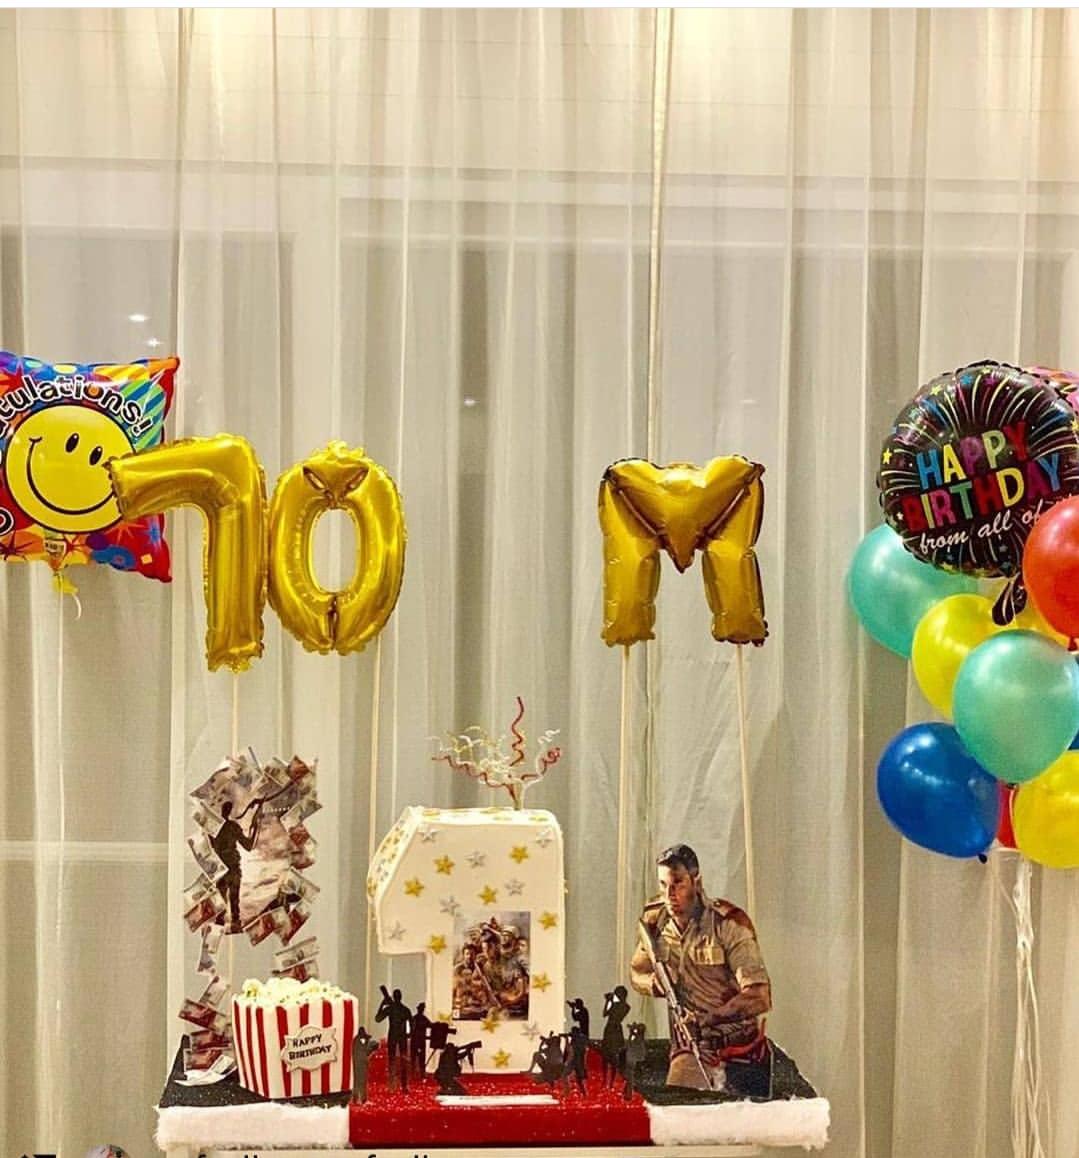 أحمد عز يحتفل بعيد ميلاده برفقه أصدقائه في الساحل الشمالي (3)